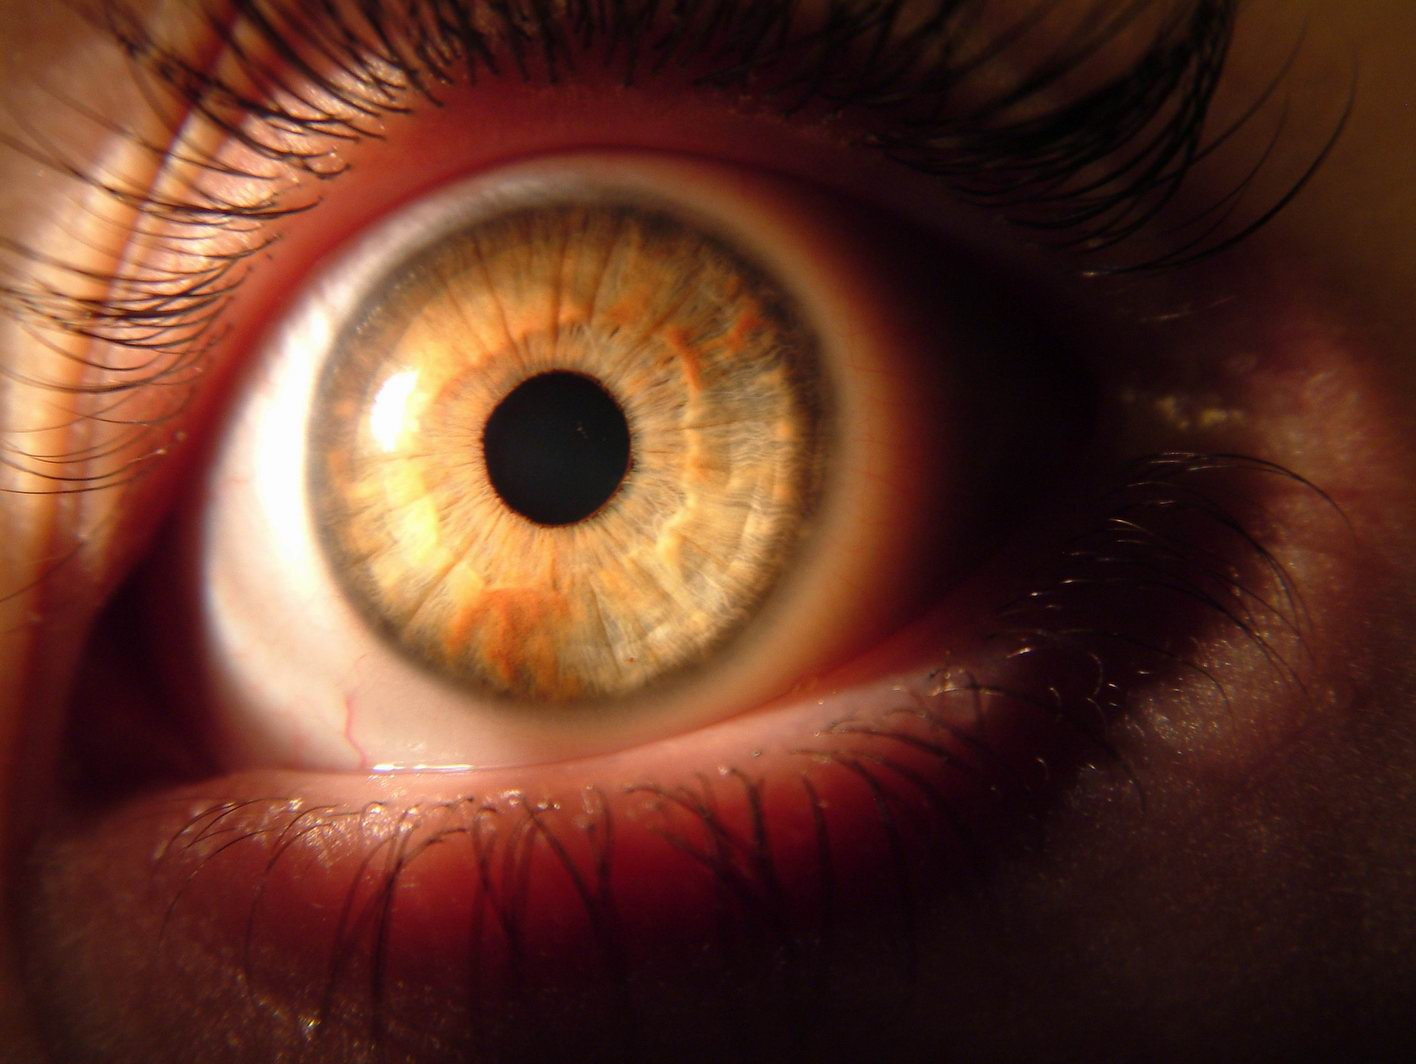 Естественное восстановление зрения по методу бейтса